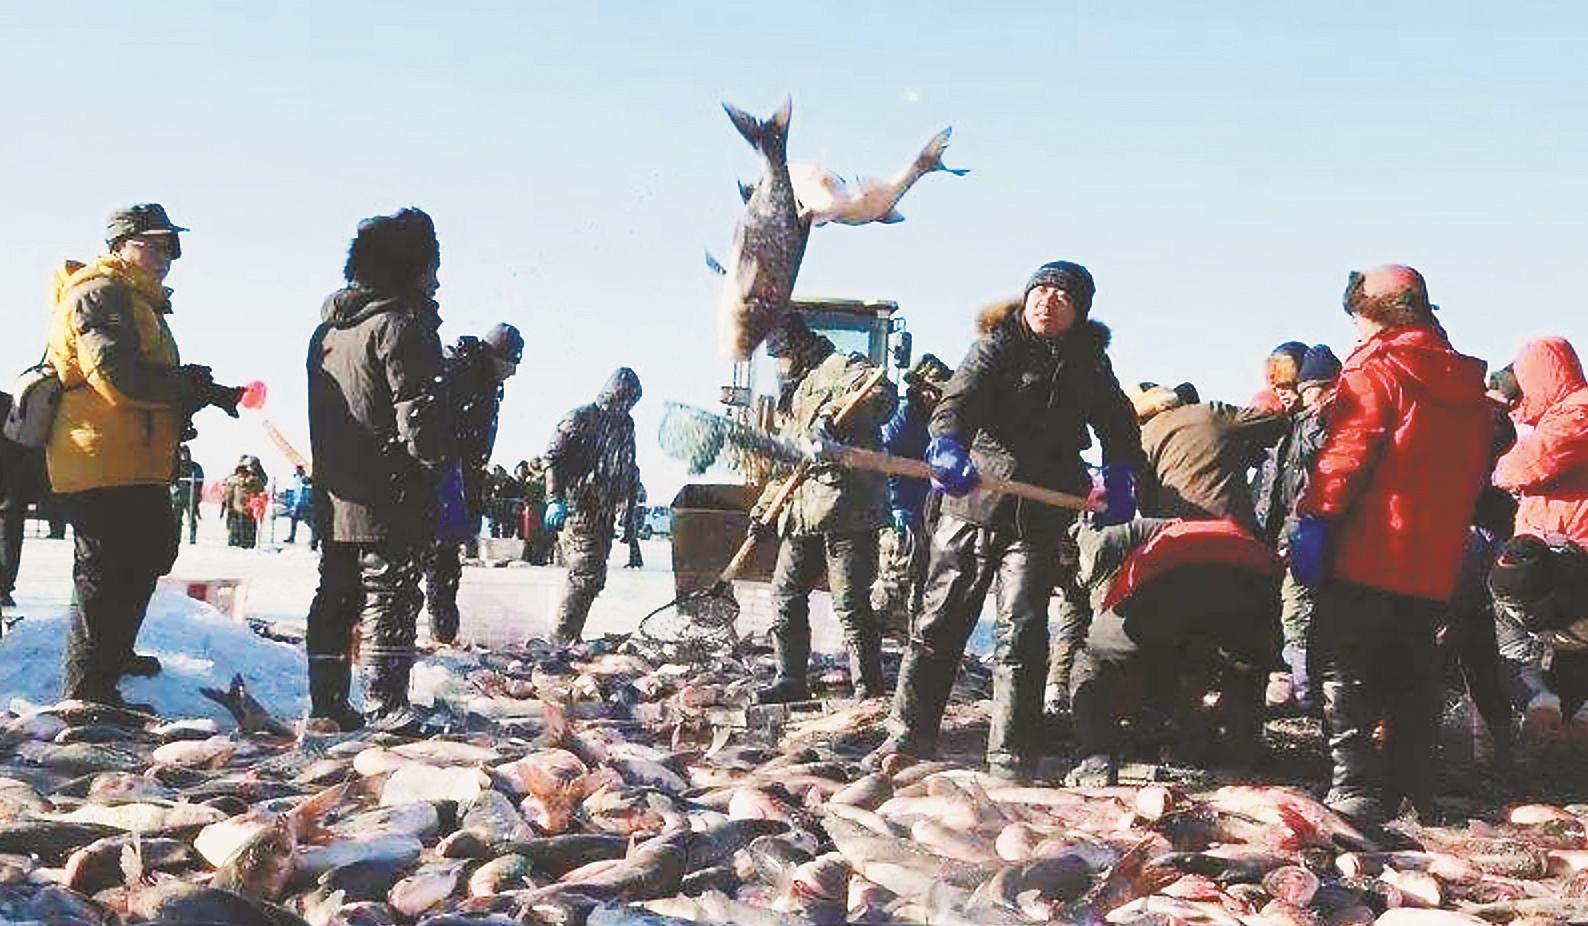 长岭湖冬捕冰钓旅游节